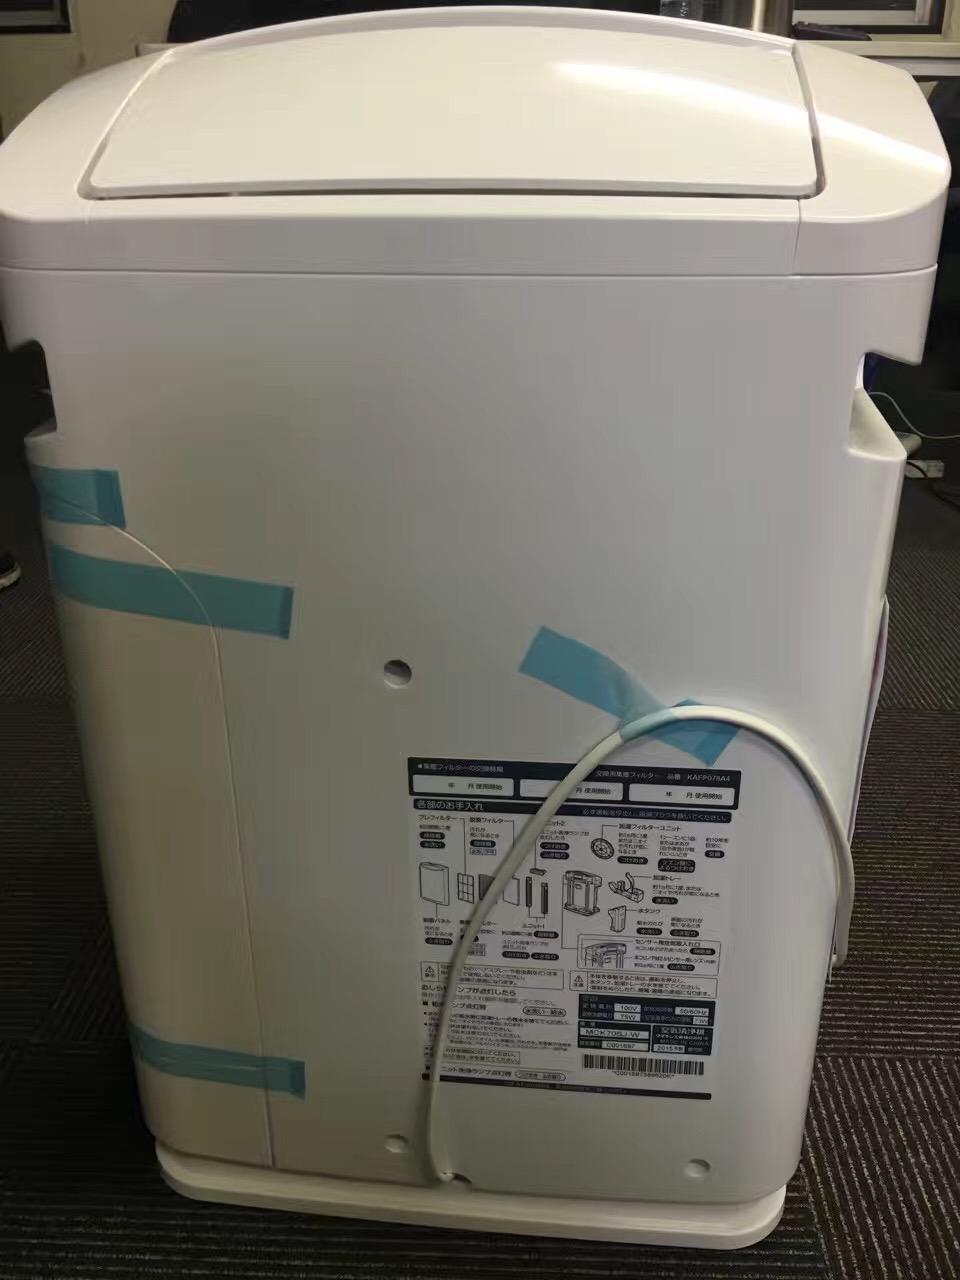 [snow Ya Amoy] Daikin/ Daikin ACK70T purifier in addition to PM2.5 haze [Japanese direct mail]